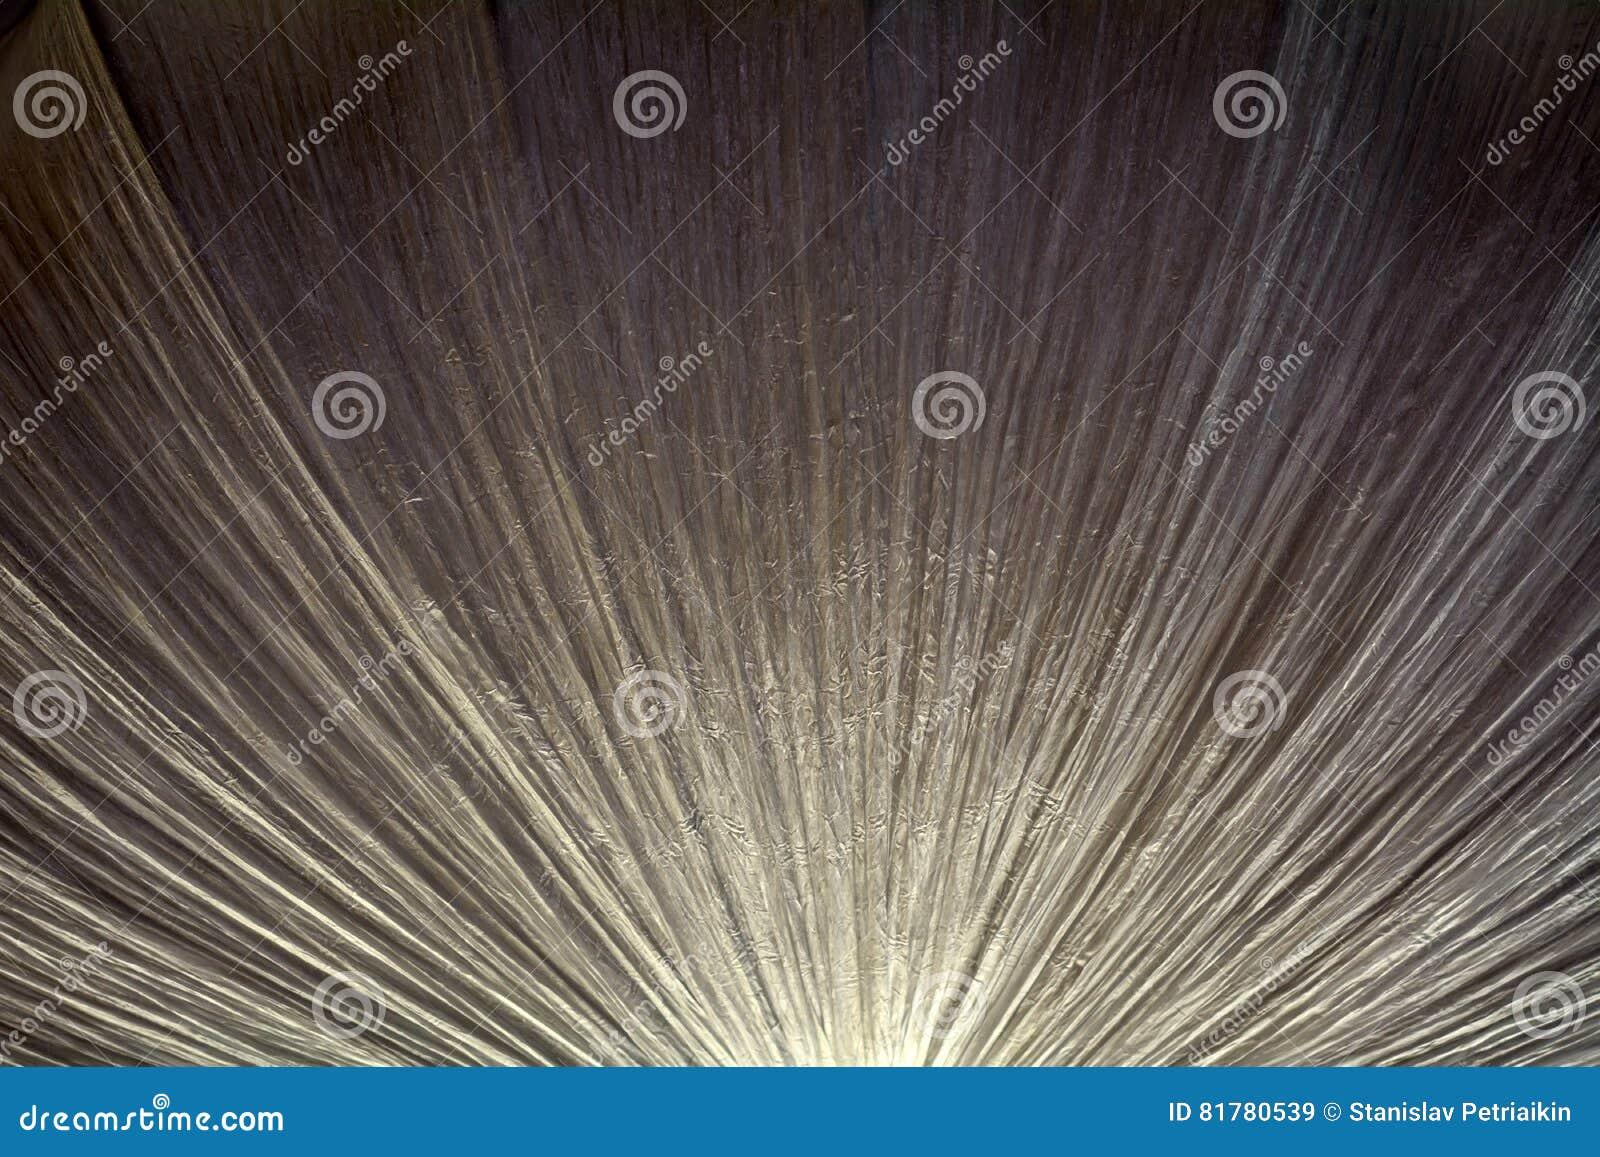 Chiffre Abstrait Sur Un Plafond De Blanc Gris Image Stock Image Du